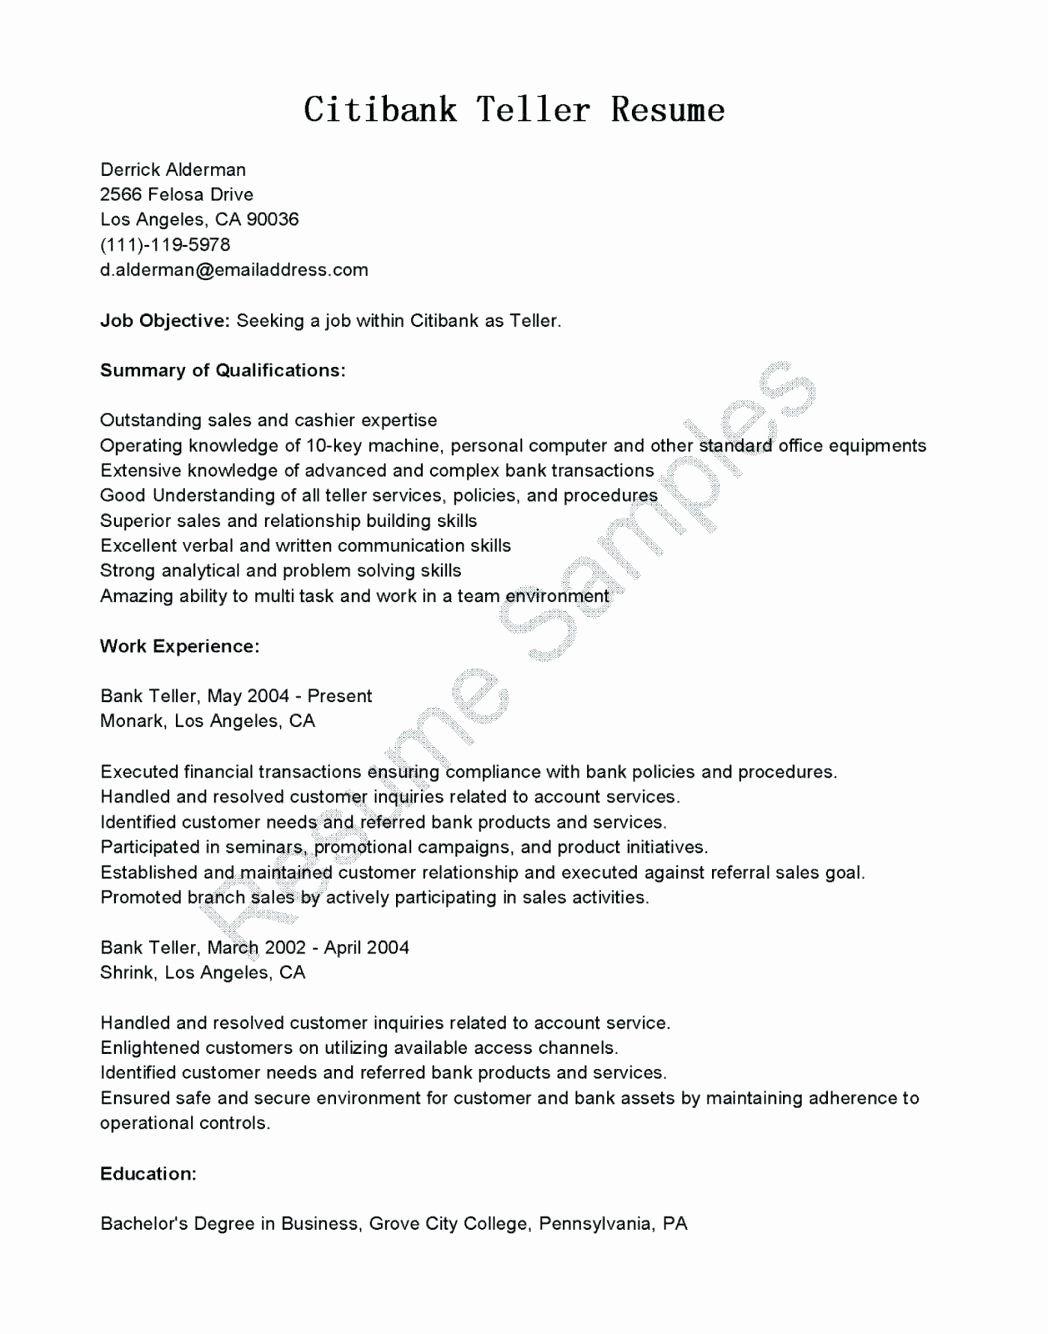 Bank Teller Job Description Resume Elegant 10 Bank Teller